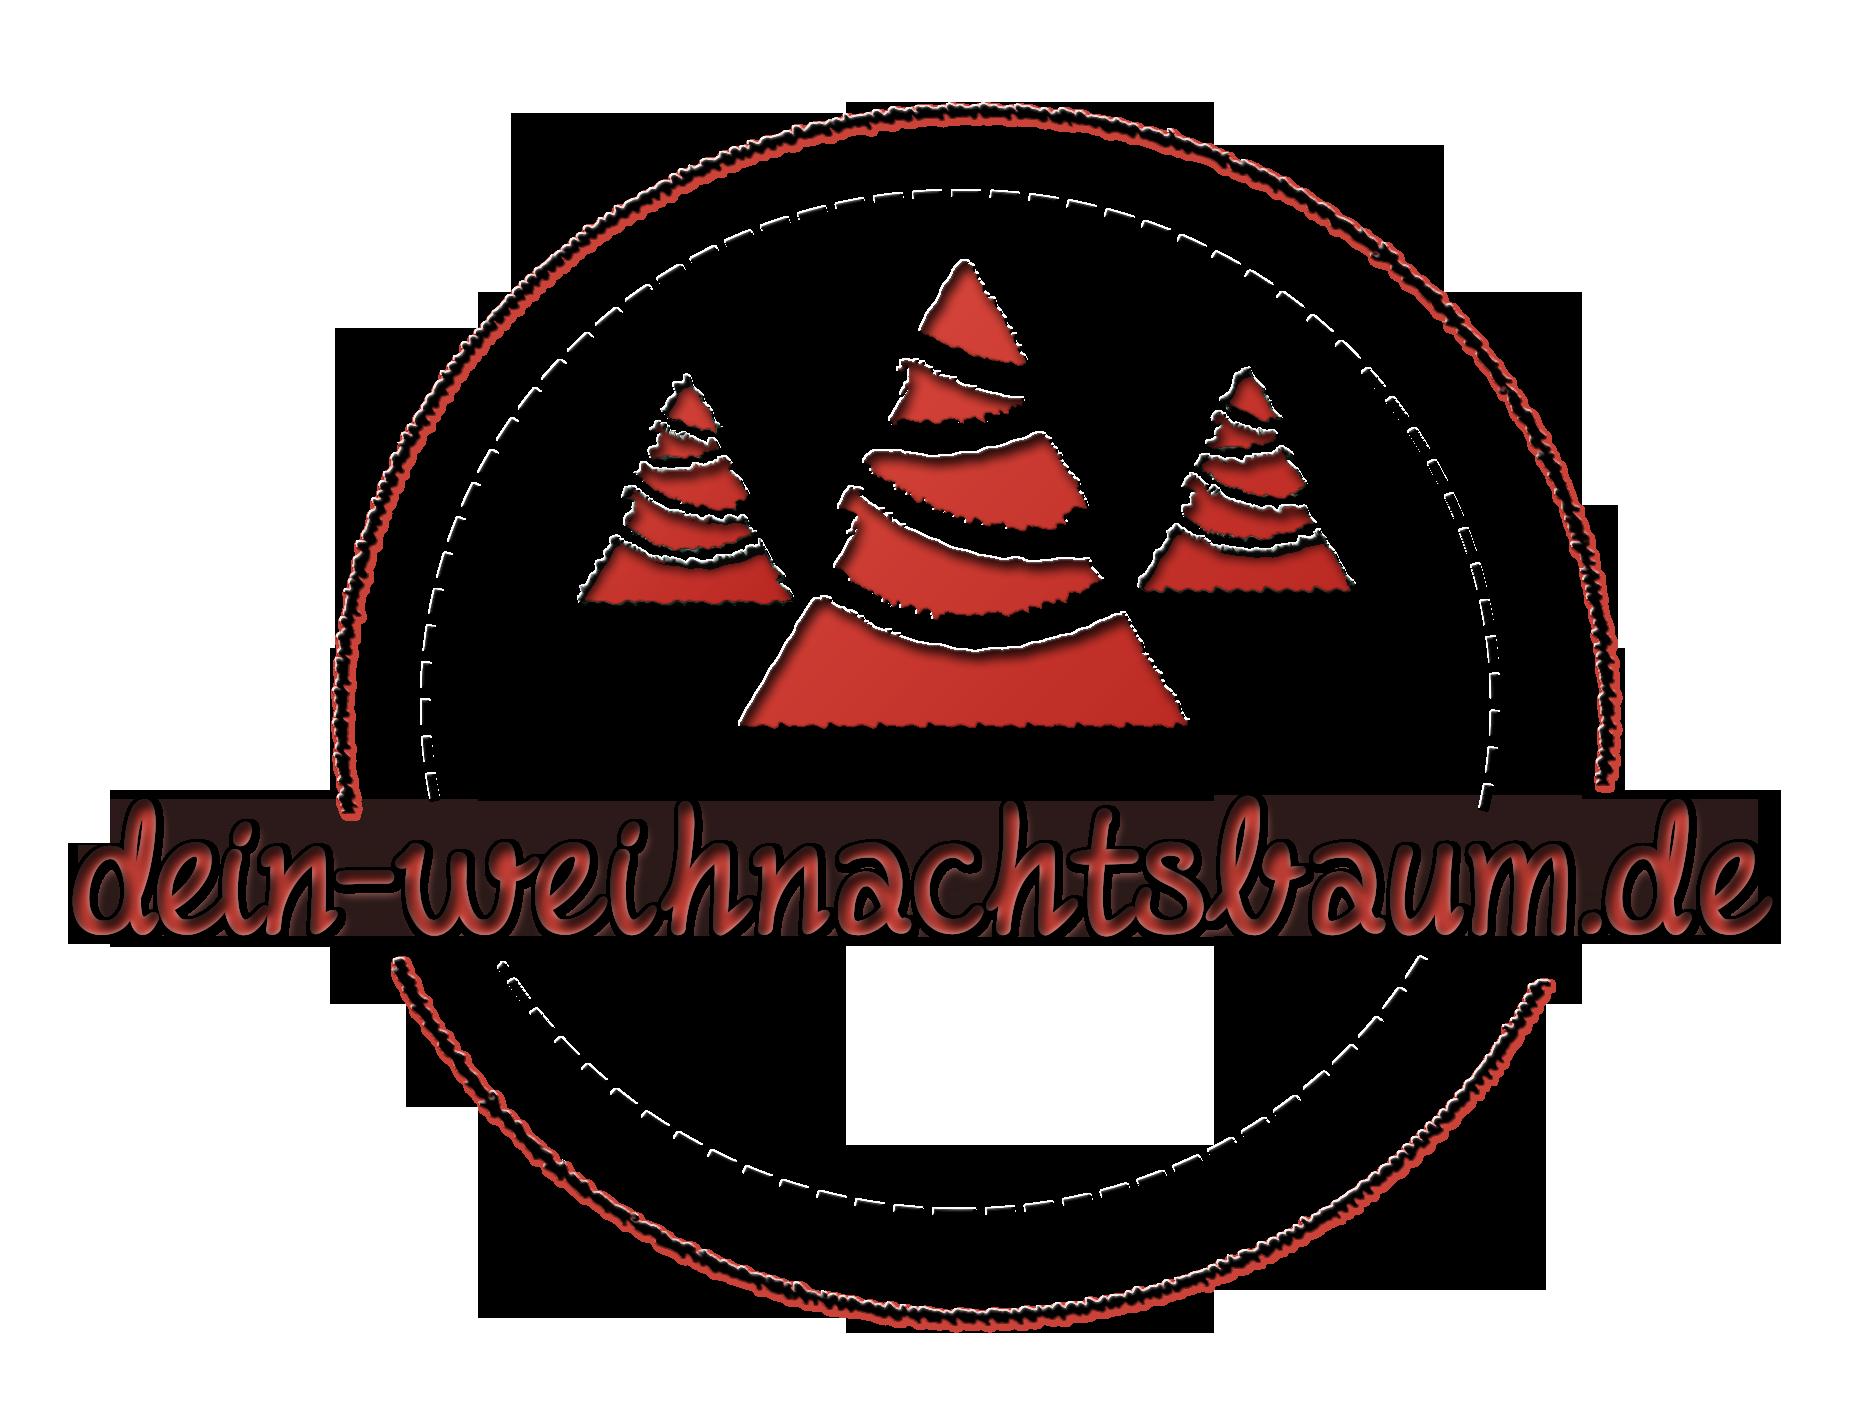 dein-weihnachtsbaum.de